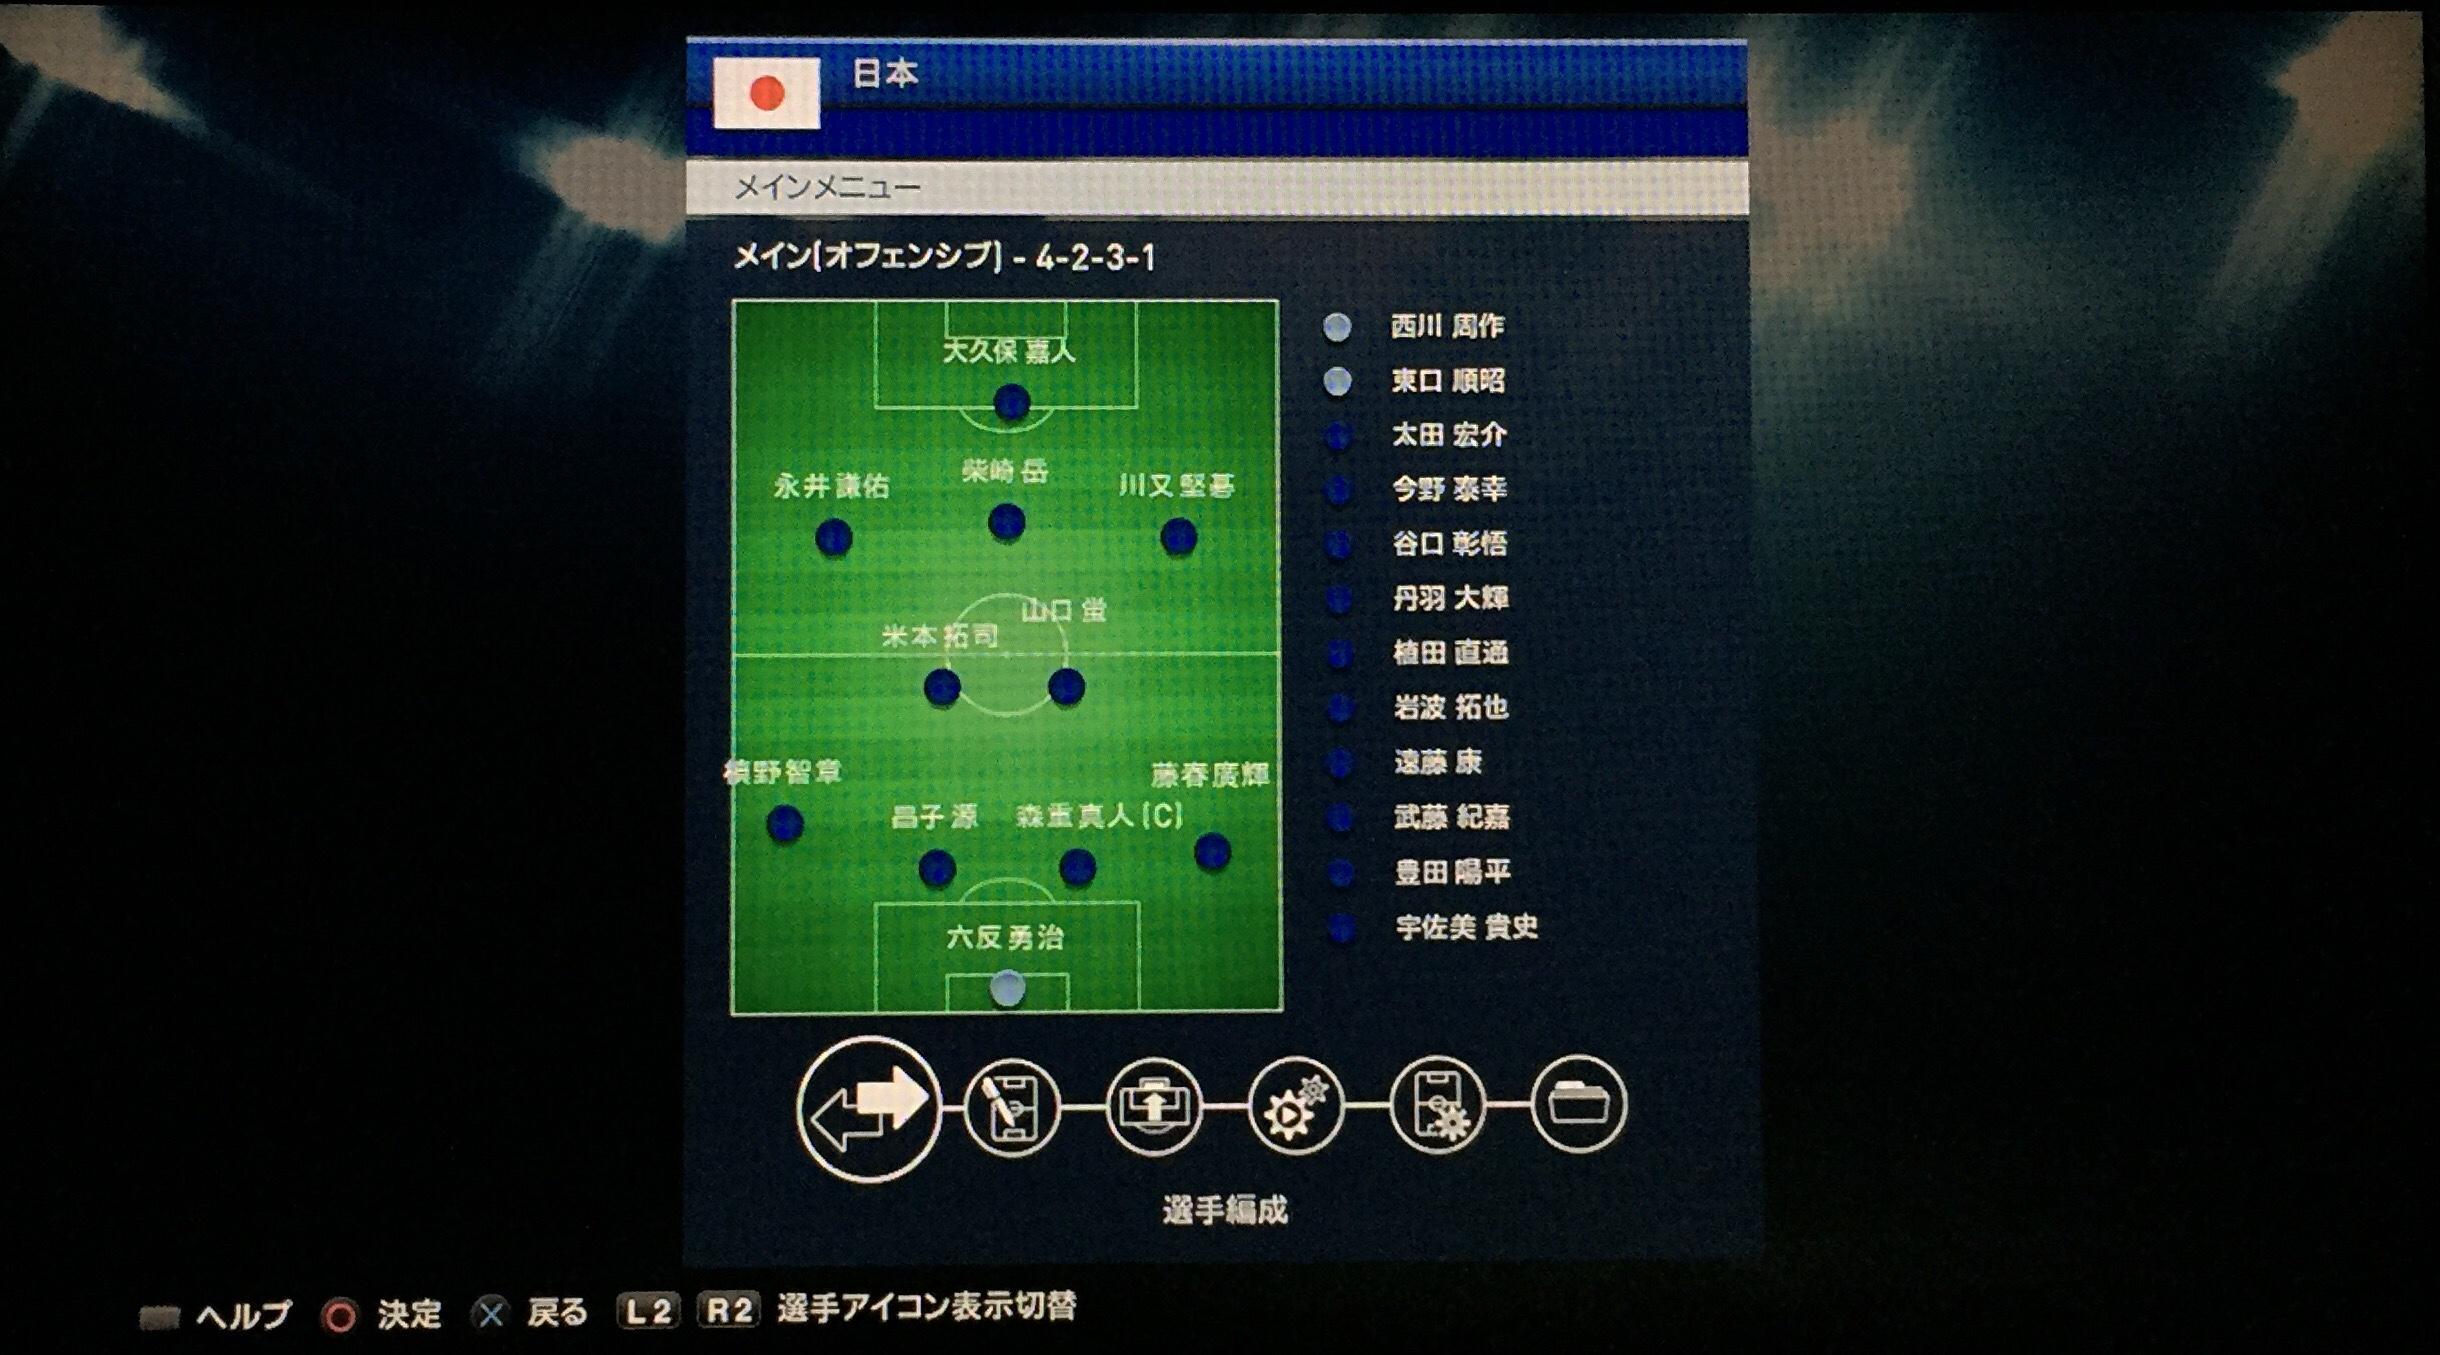 日本代表国内合宿組2